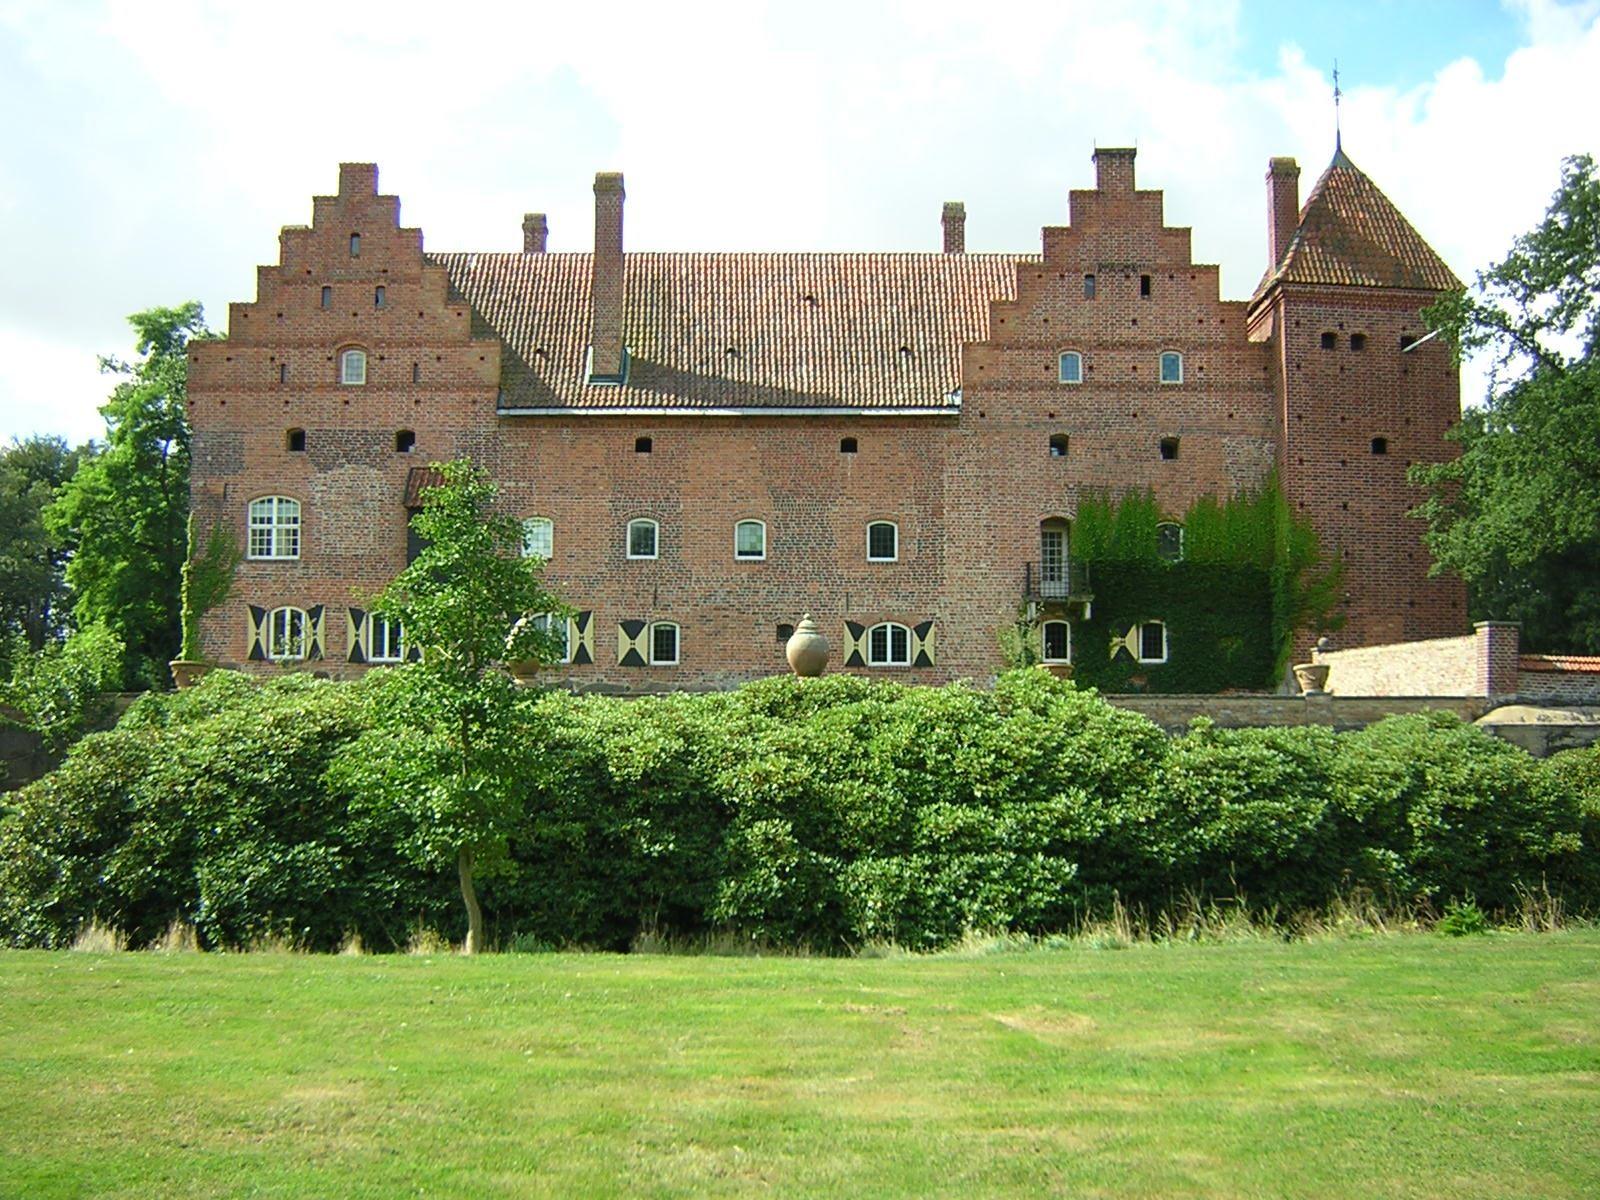 Visning av Vegeholms slott